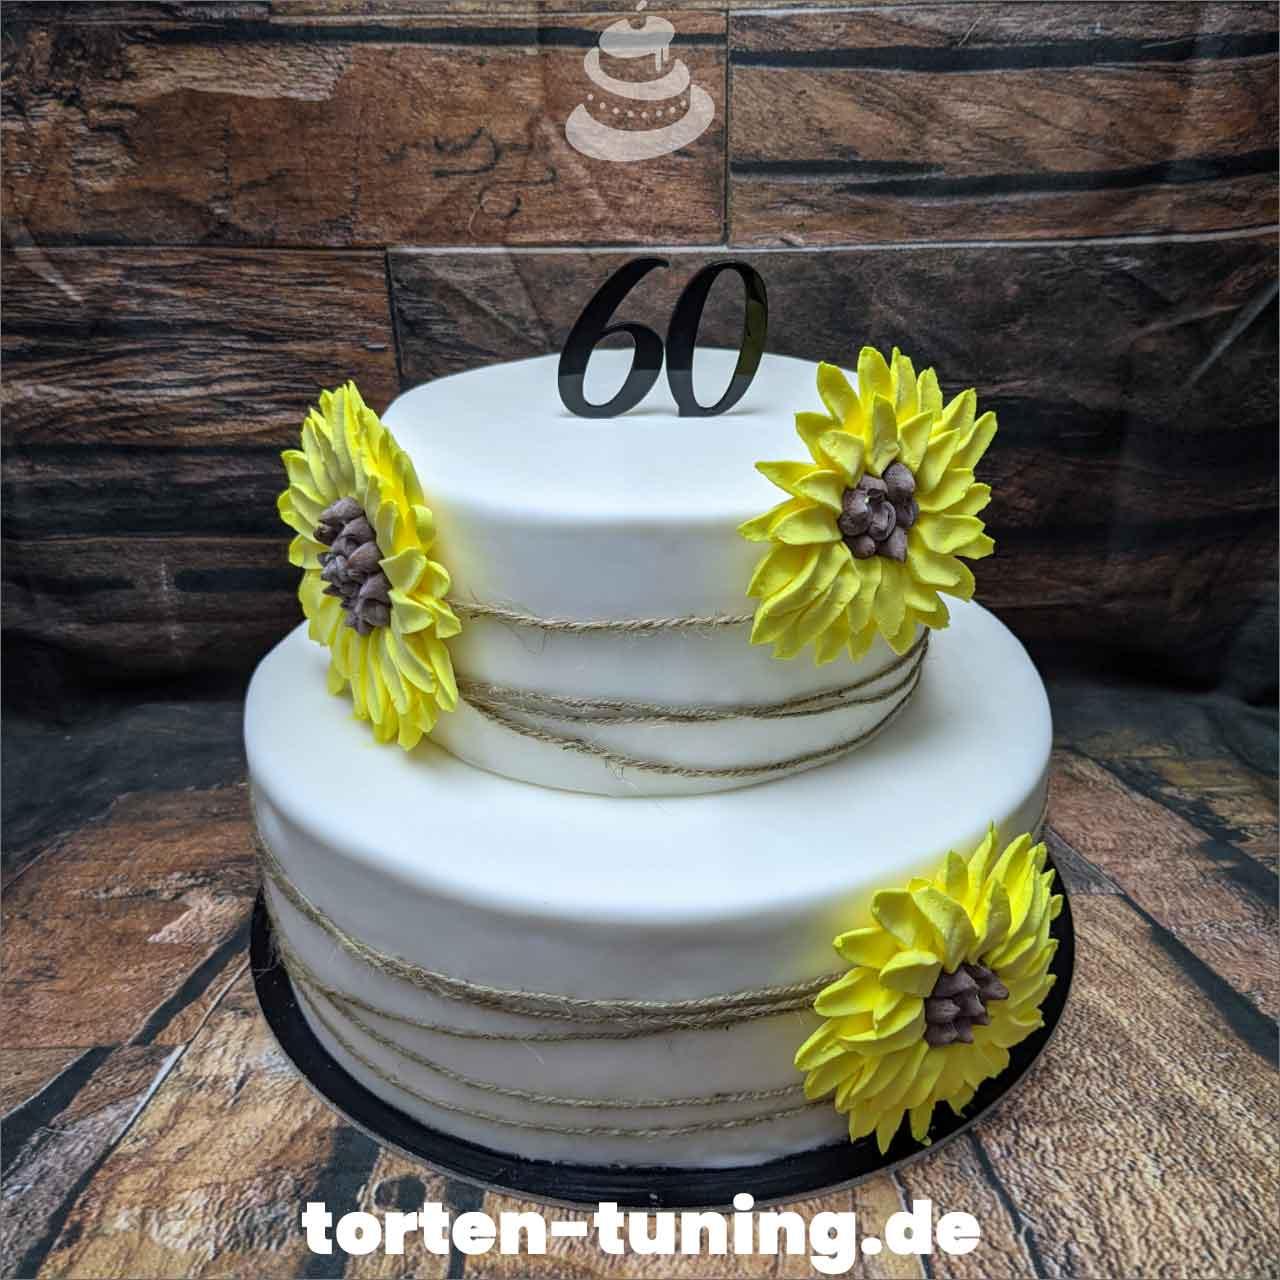 Sonnenblumen Dripcake Obsttorte Geburtstagstorte Motivtorte Torte Tortendekoration Torte online bestellen Suhl Thüringen Torten Tuning Sahnetorte Tortenfiguren Cake Topper